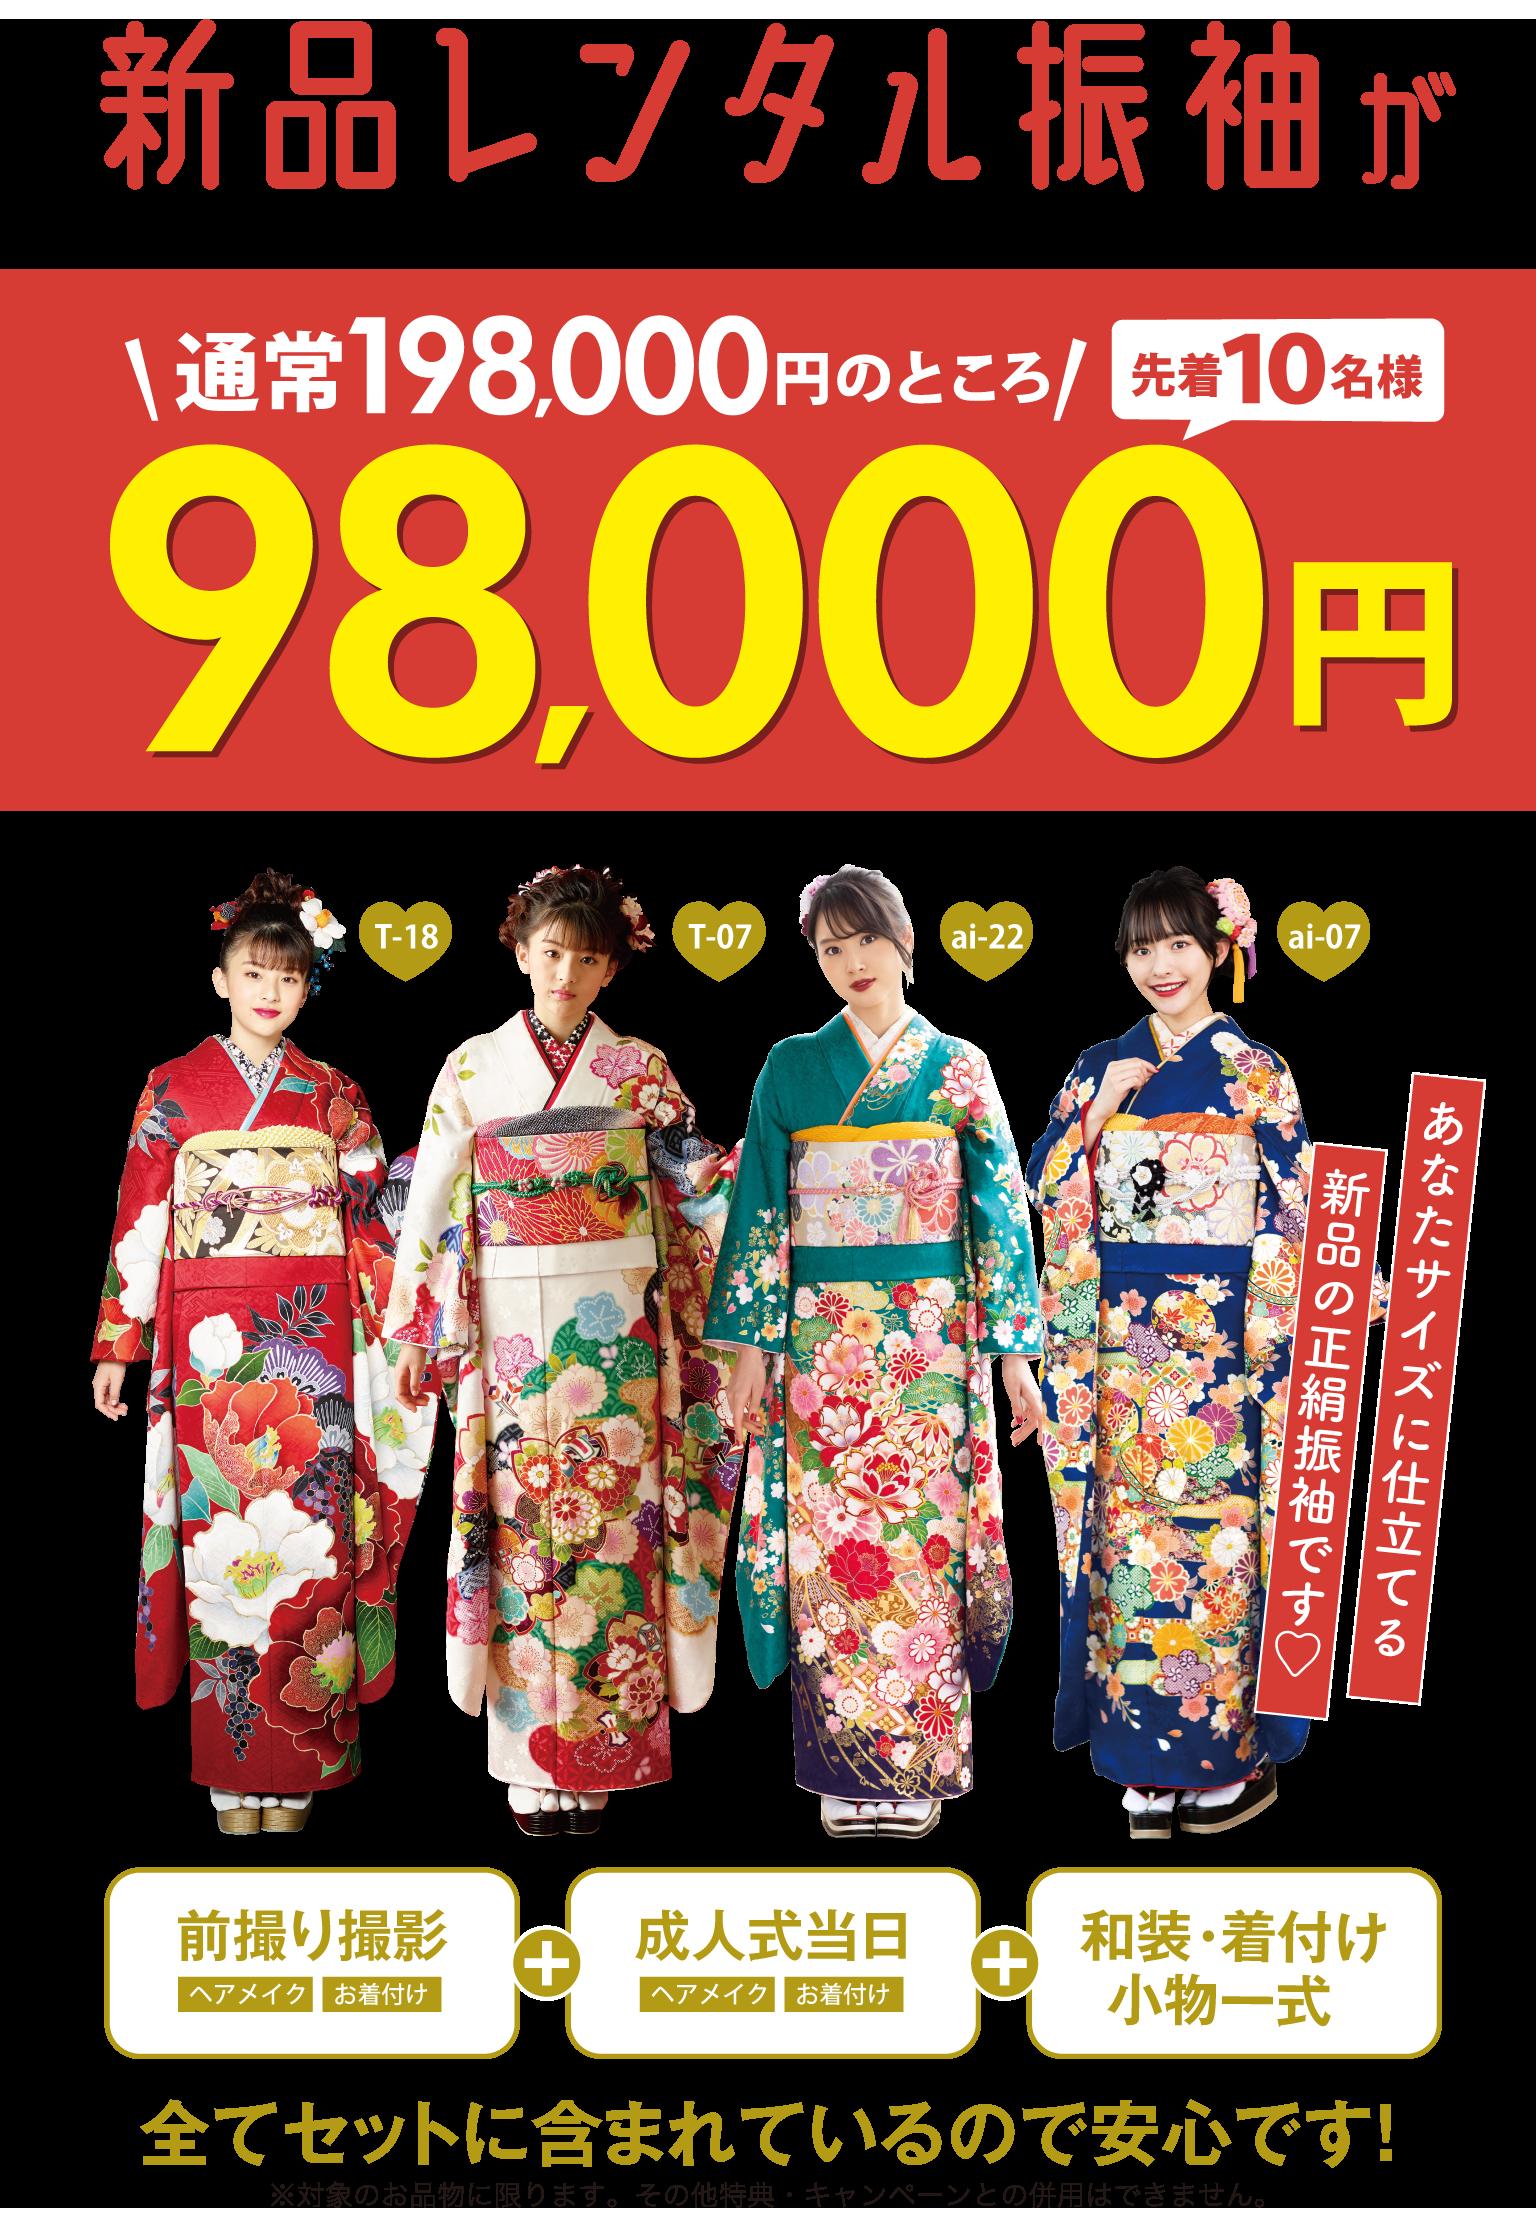 新品の振袖がなんと98000円でレンタルできちゃう!